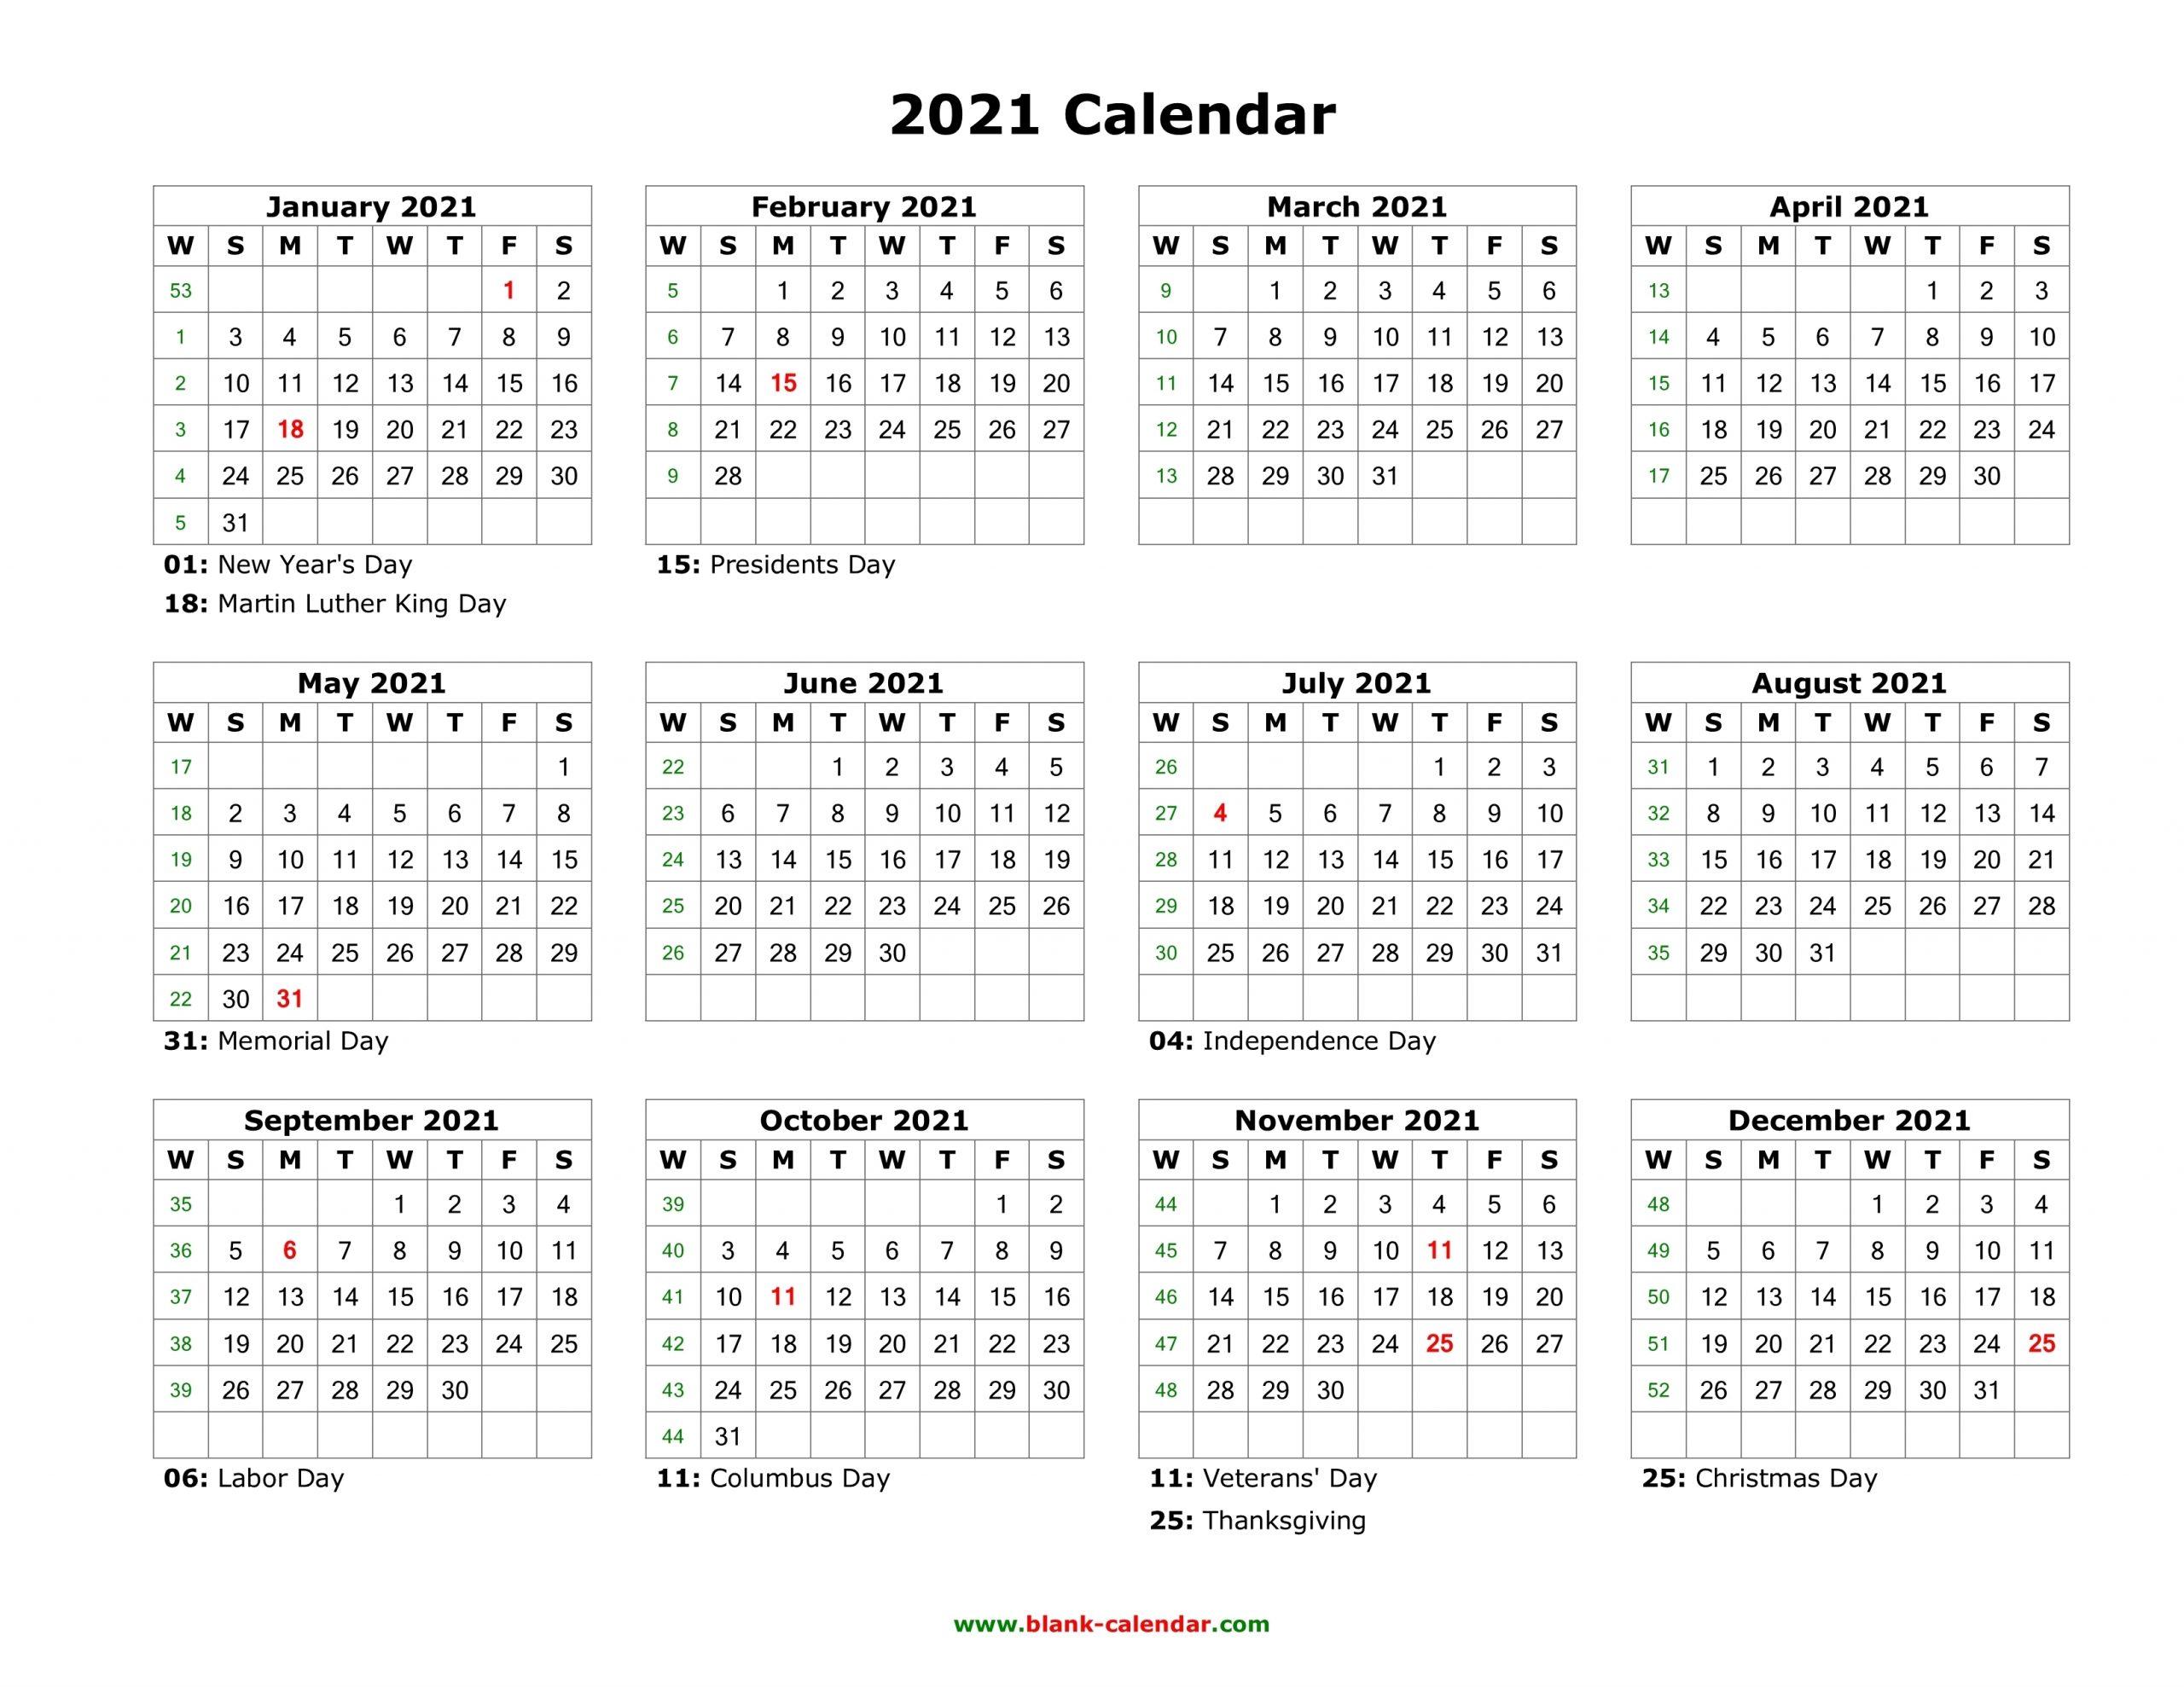 Printable Monday Through Sunday Calendar 2021 - Calendar with regard to Calendar 2021 Monday Through Sunday